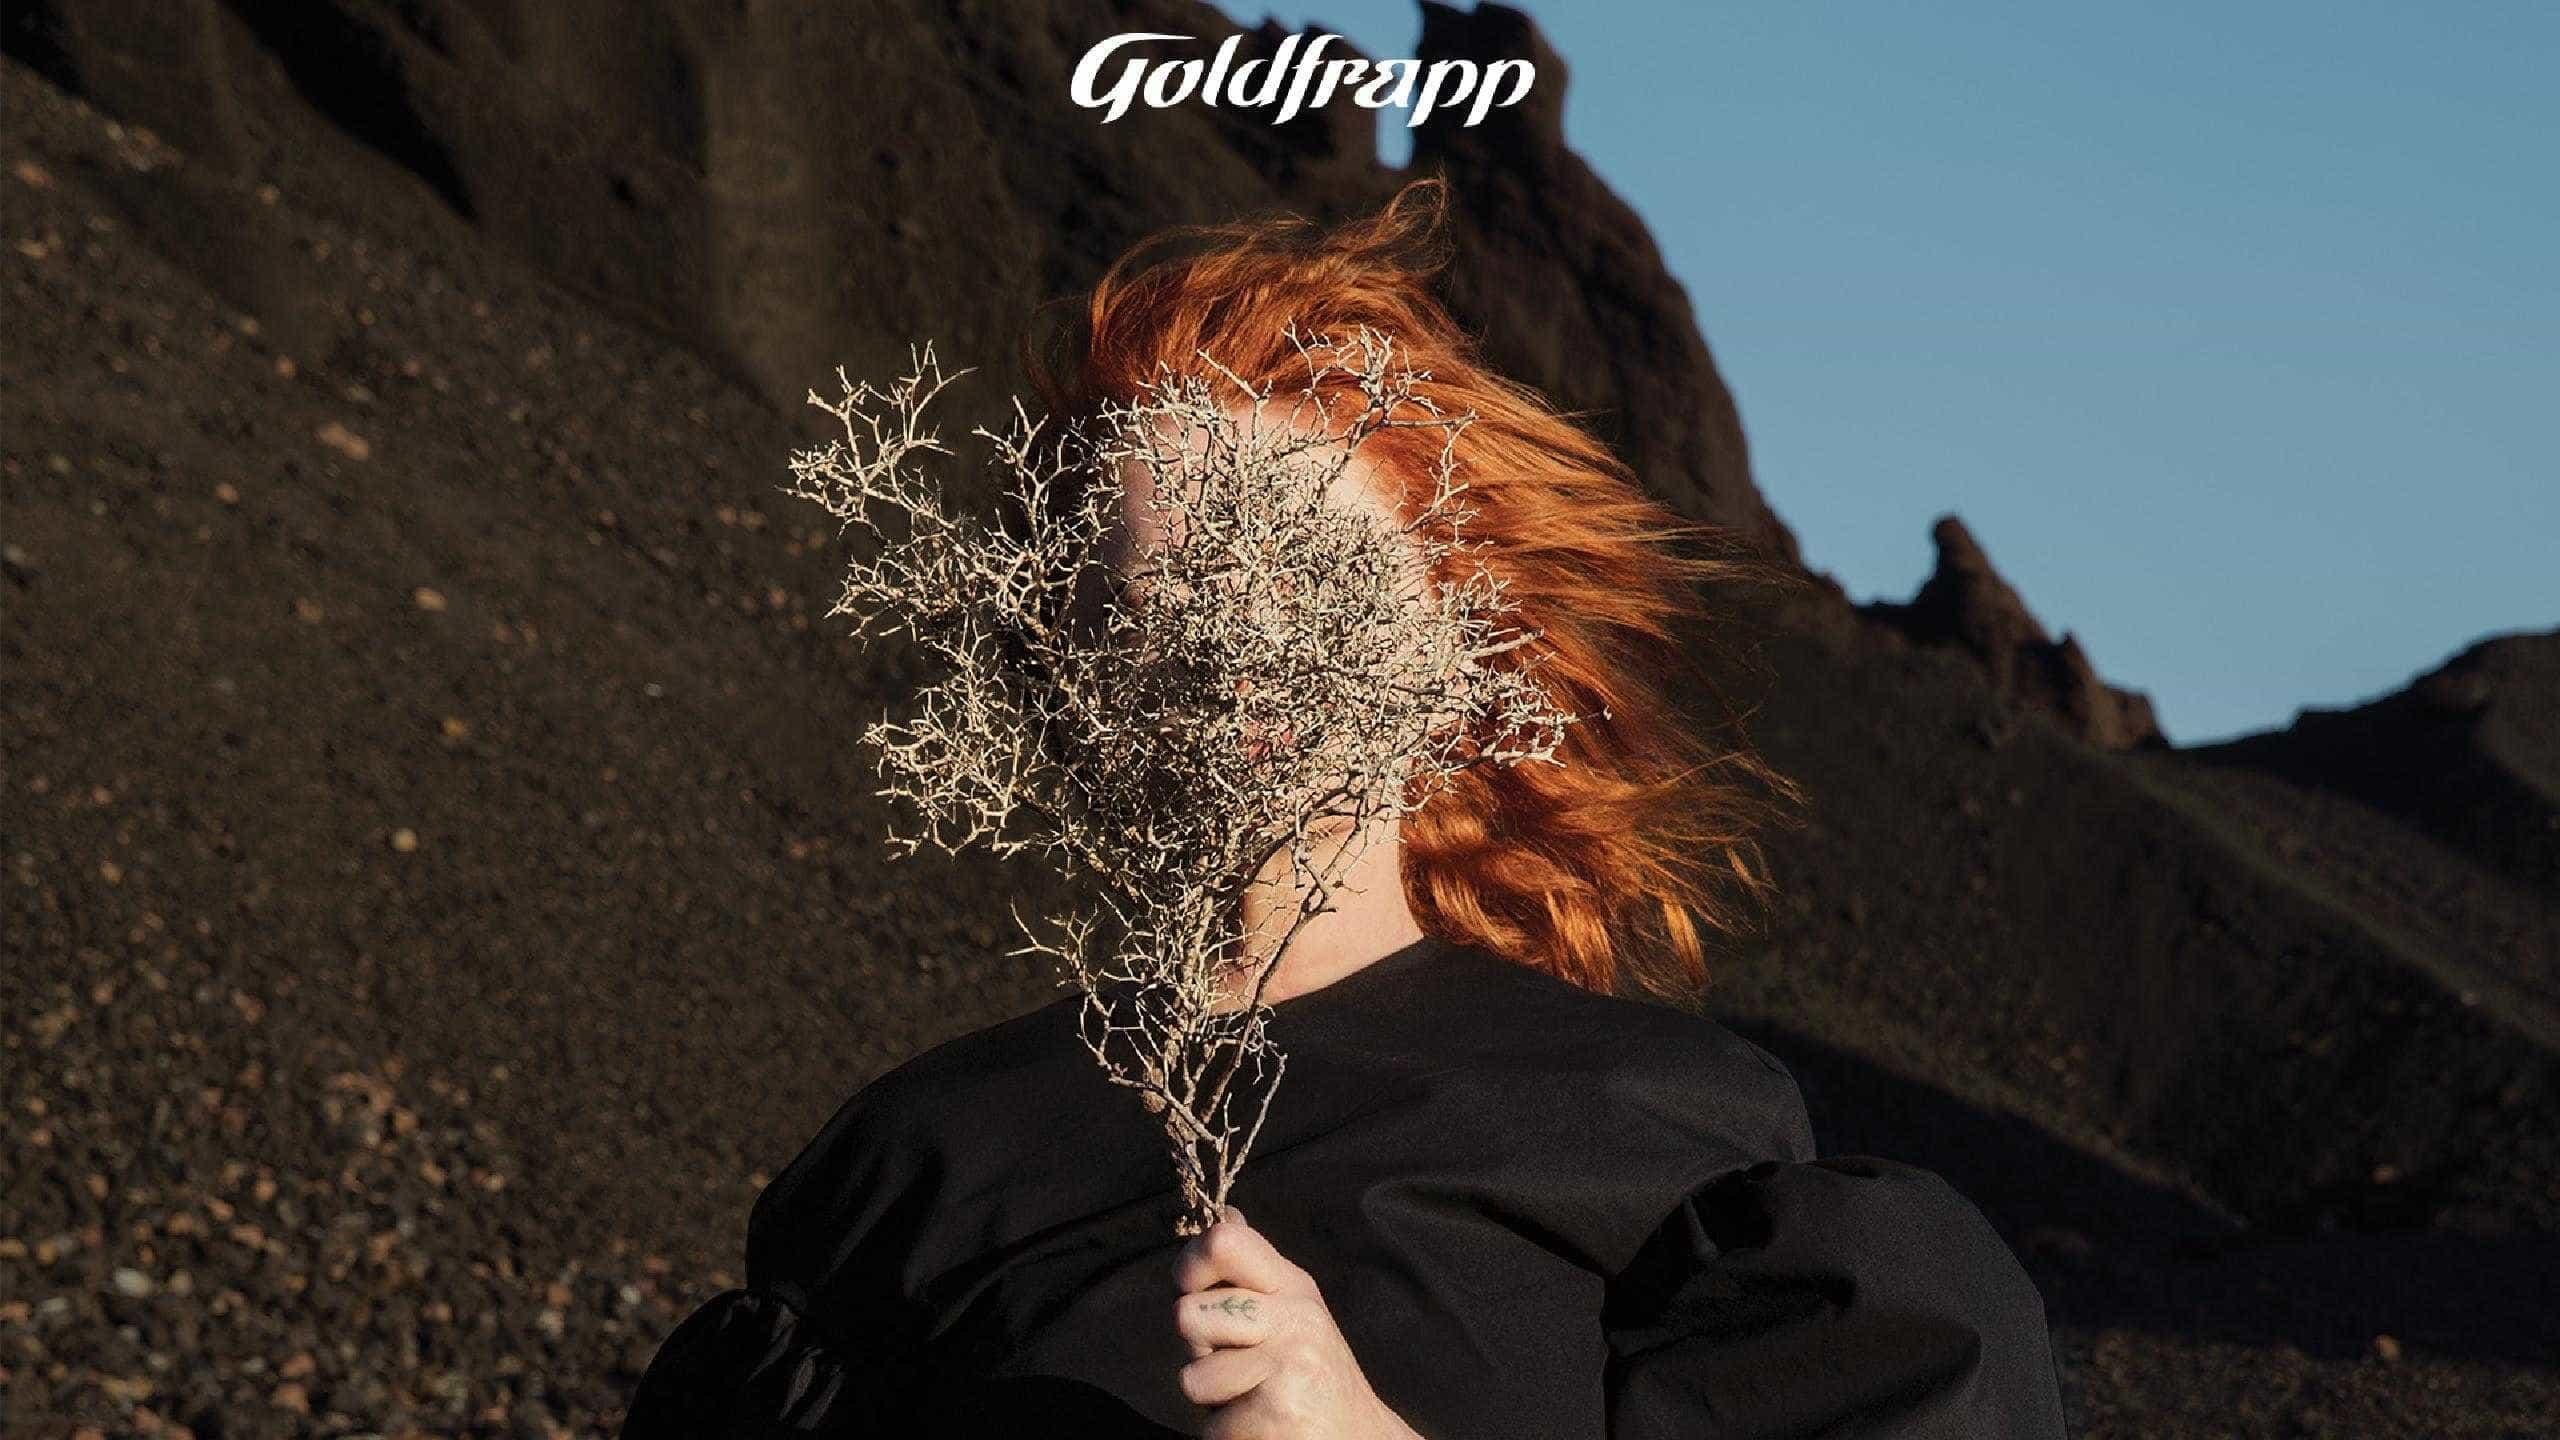 Goldfrapp lança clipe de 'Ocean' com vocalista do Depeche Mode